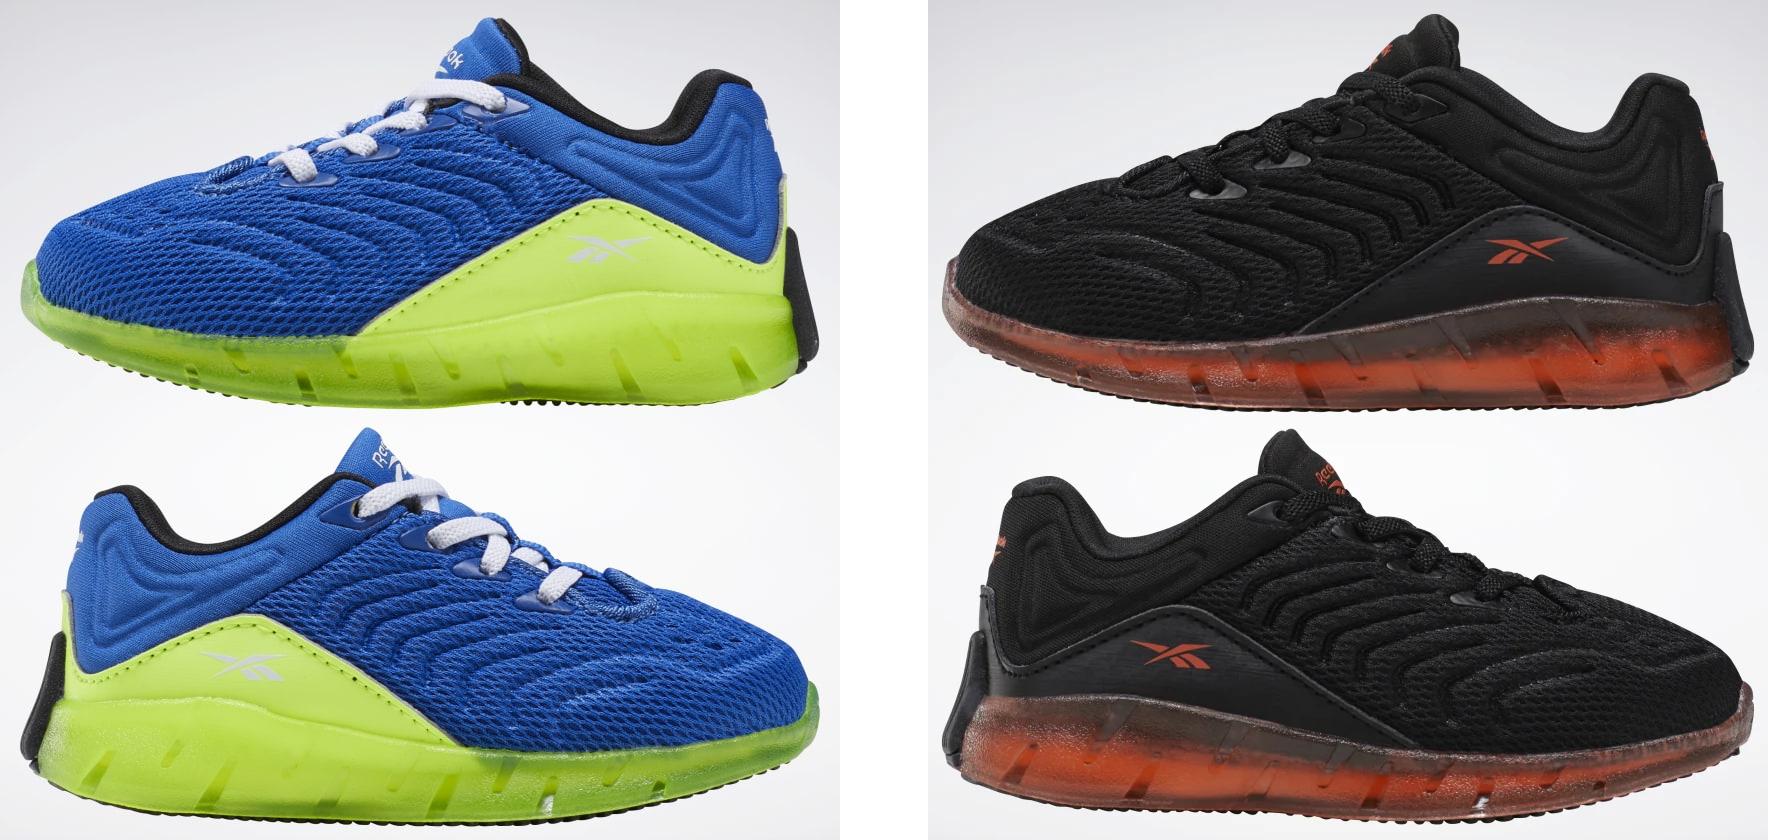 Zig kinetica jongens reebok schoenen €22,48 in Reebok sale